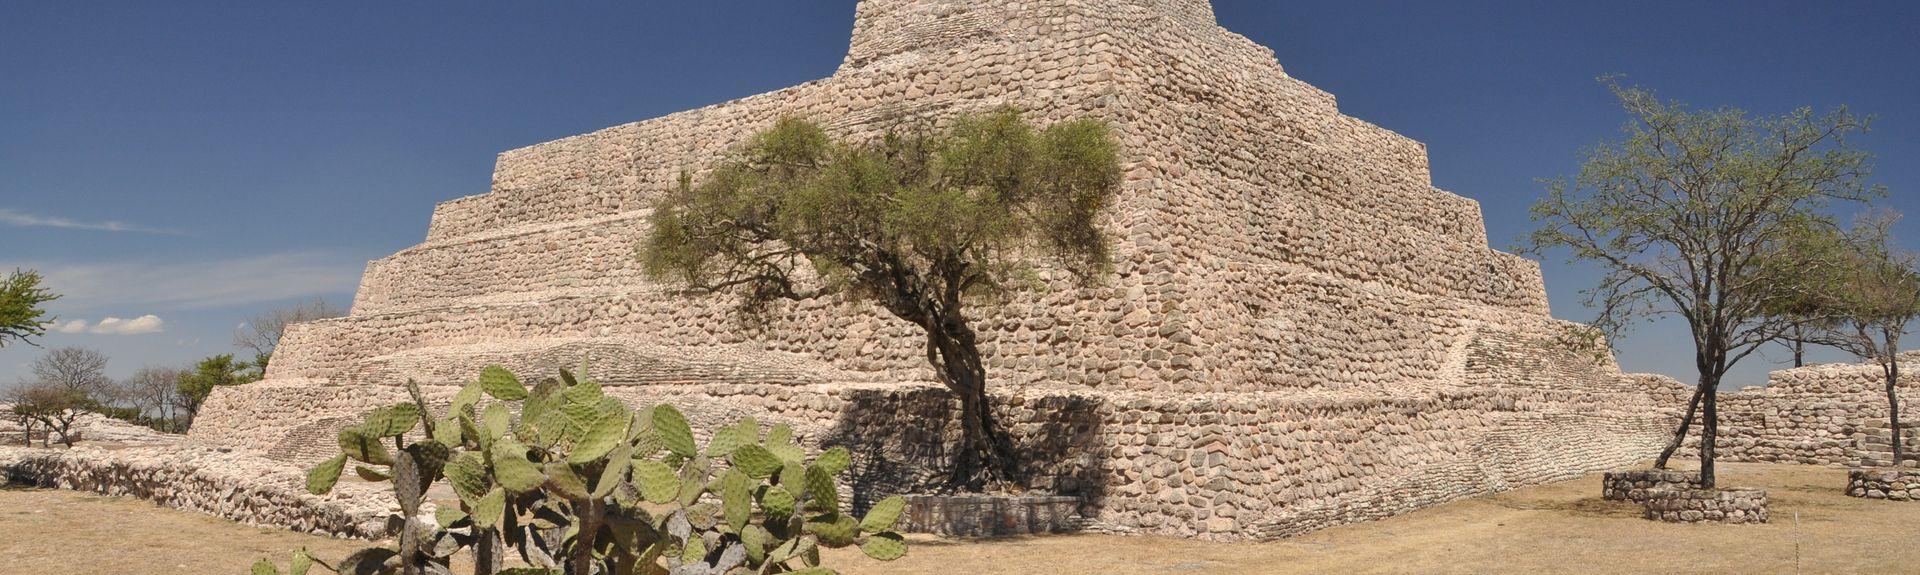 Colonia Caracol, San Miguel de Allende, Guanajuato, Mexico